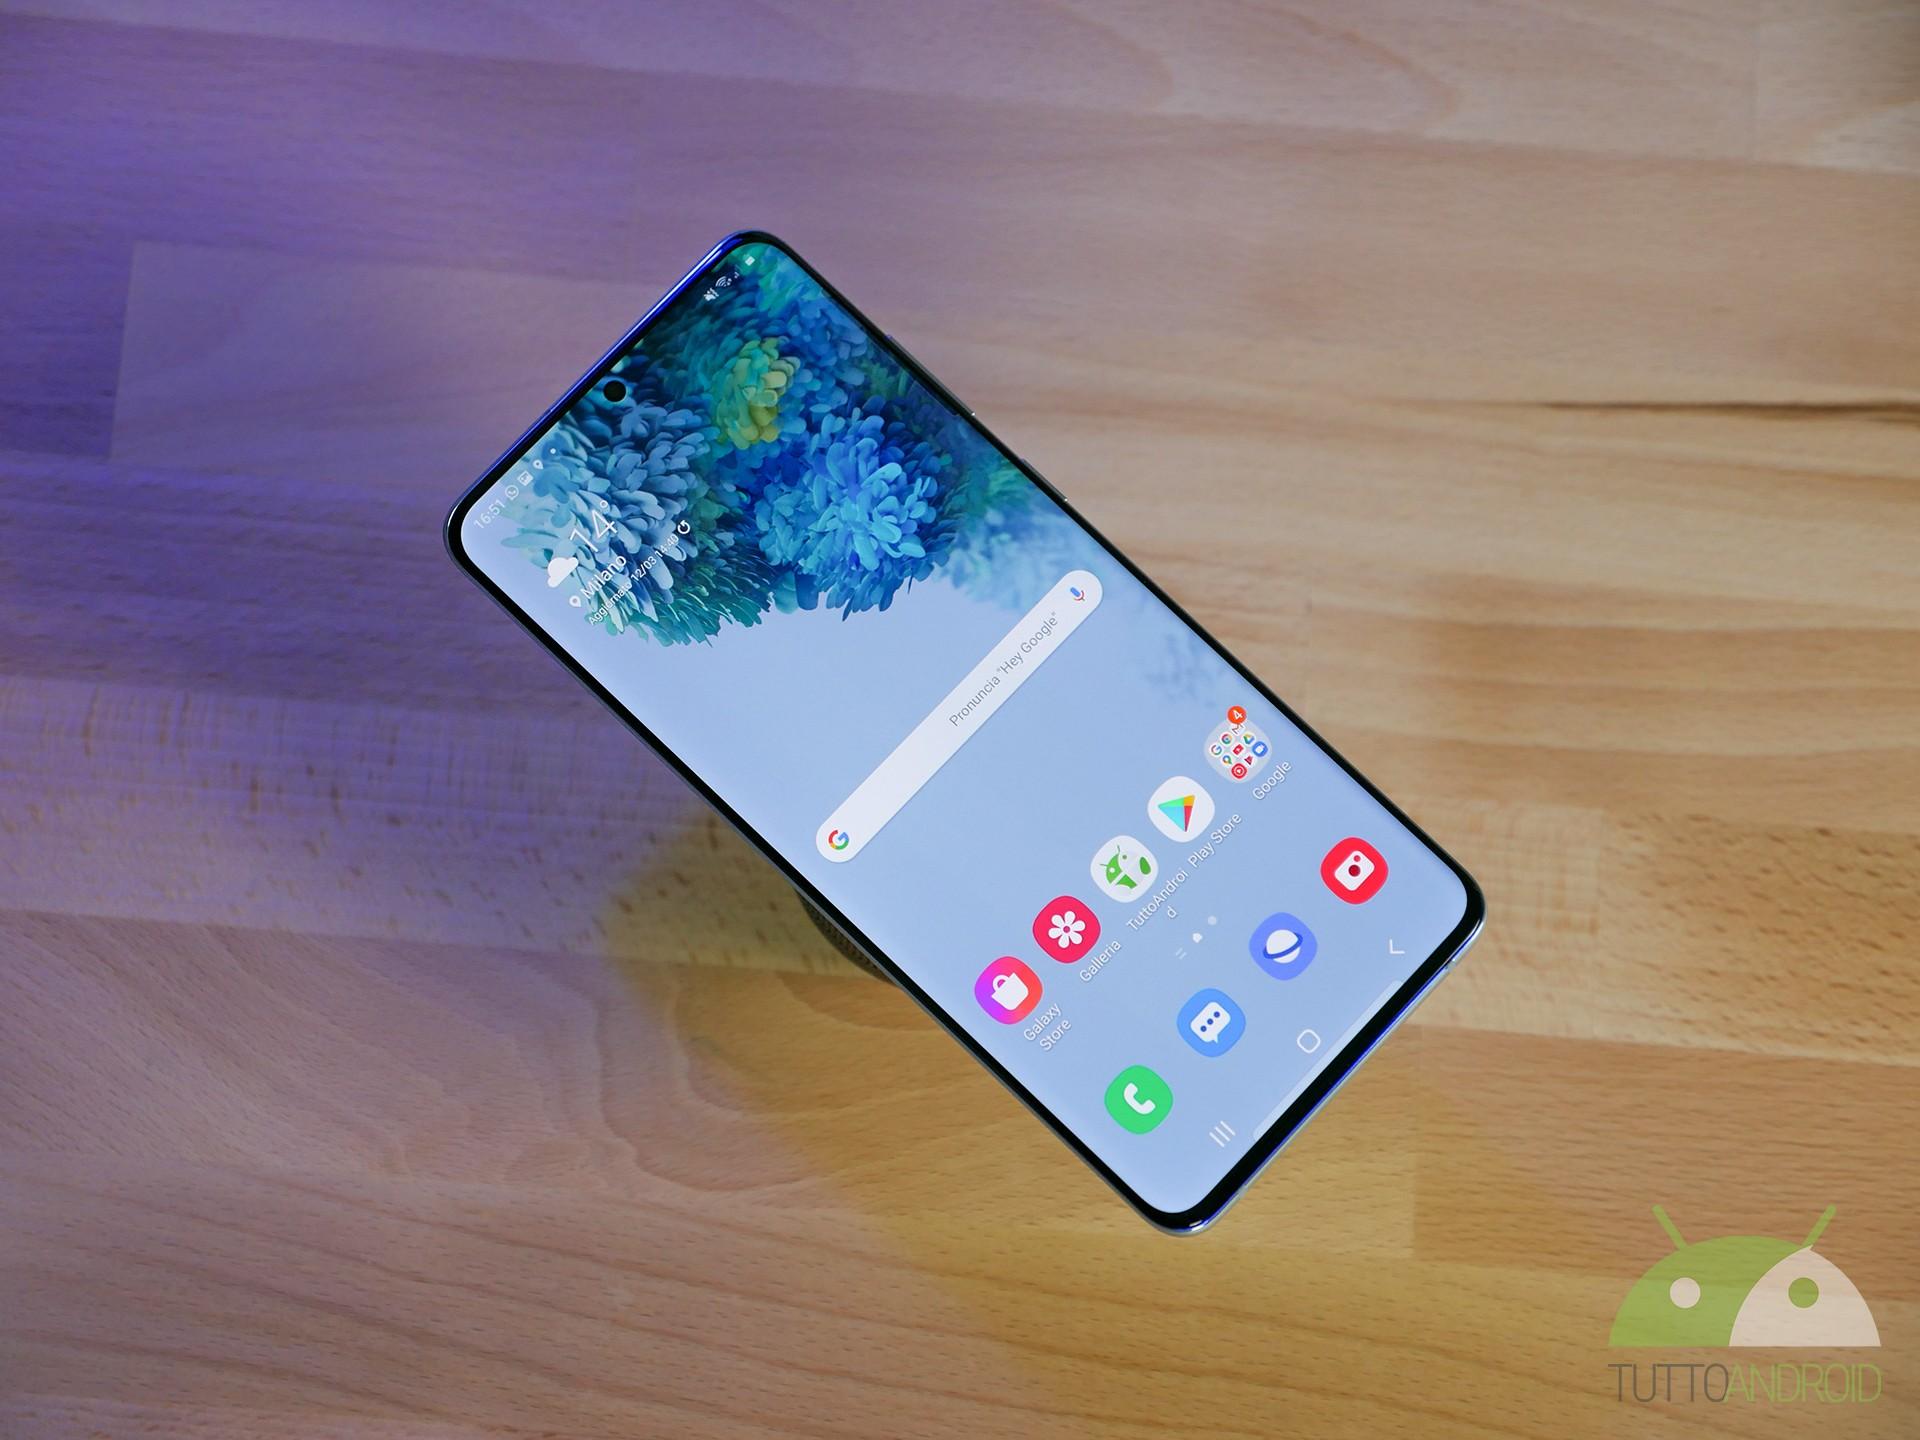 Samsung Galaxy S20 con Snapdragon 865 è migliore? Forse sì